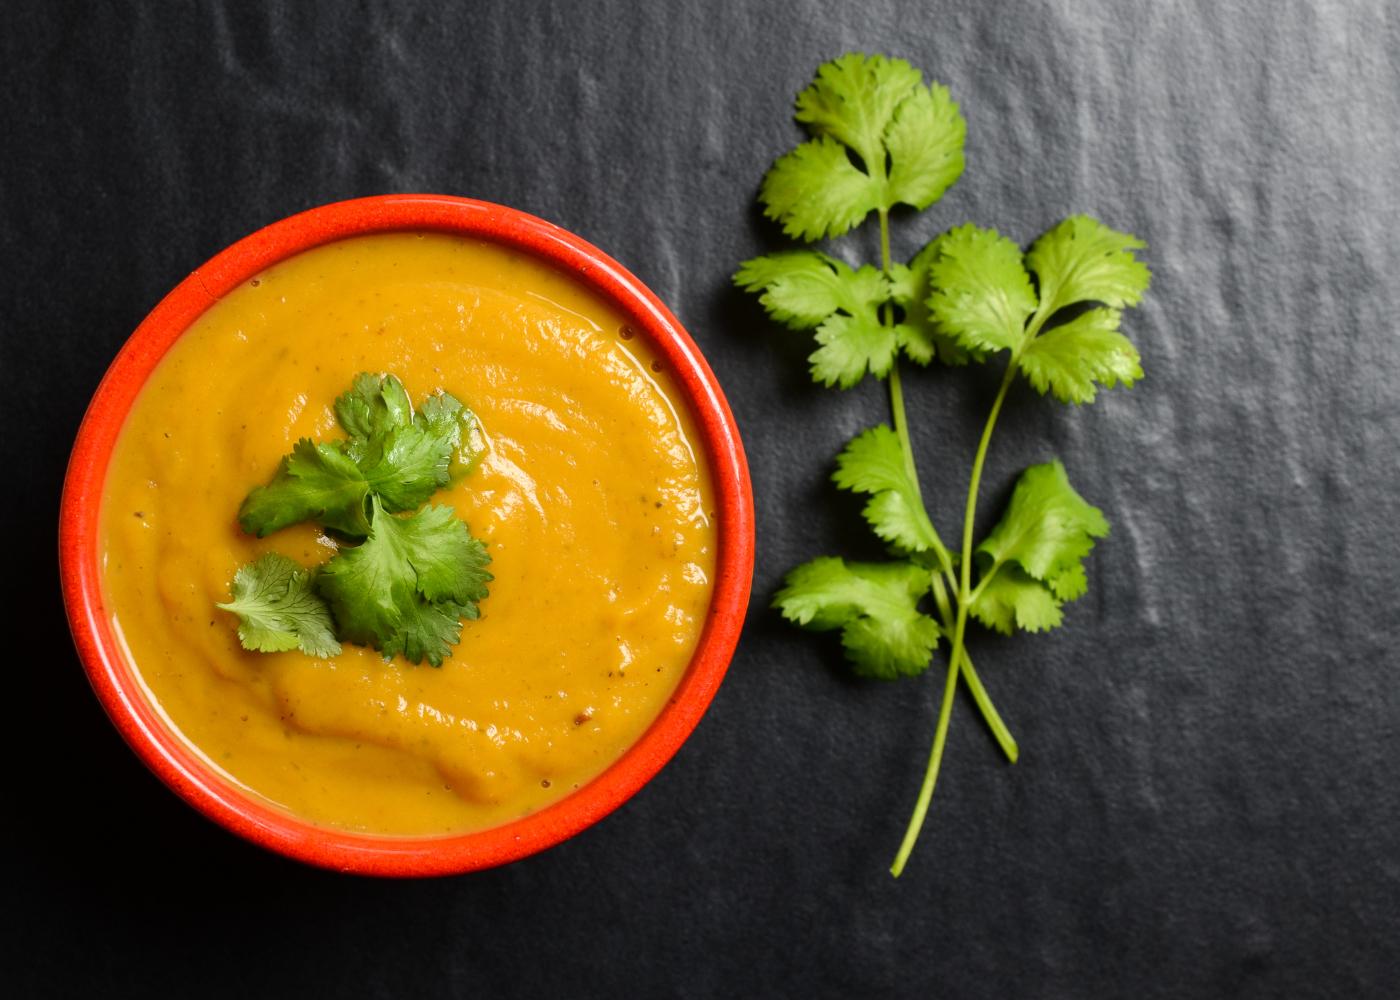 sopa rapida de batata-doce